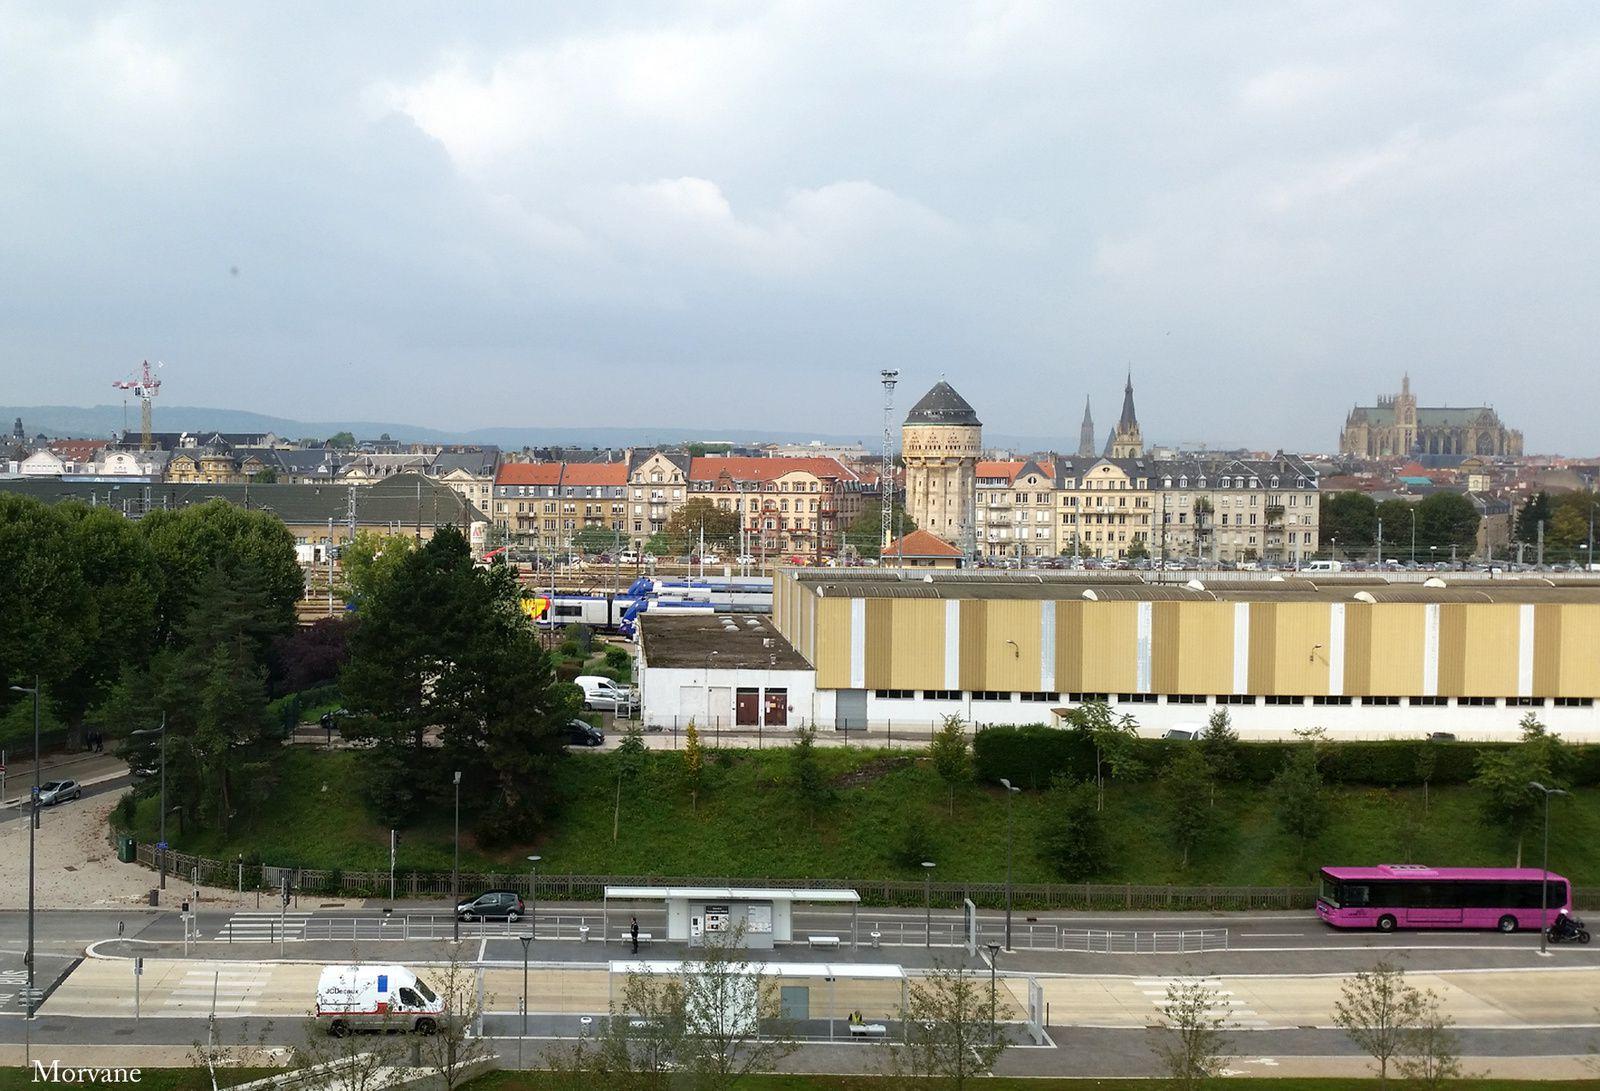 A Metz, il n'y a pas que la cathédrale qui élève l'âme… Le Centre d'Art moderne Pompidou aussi !